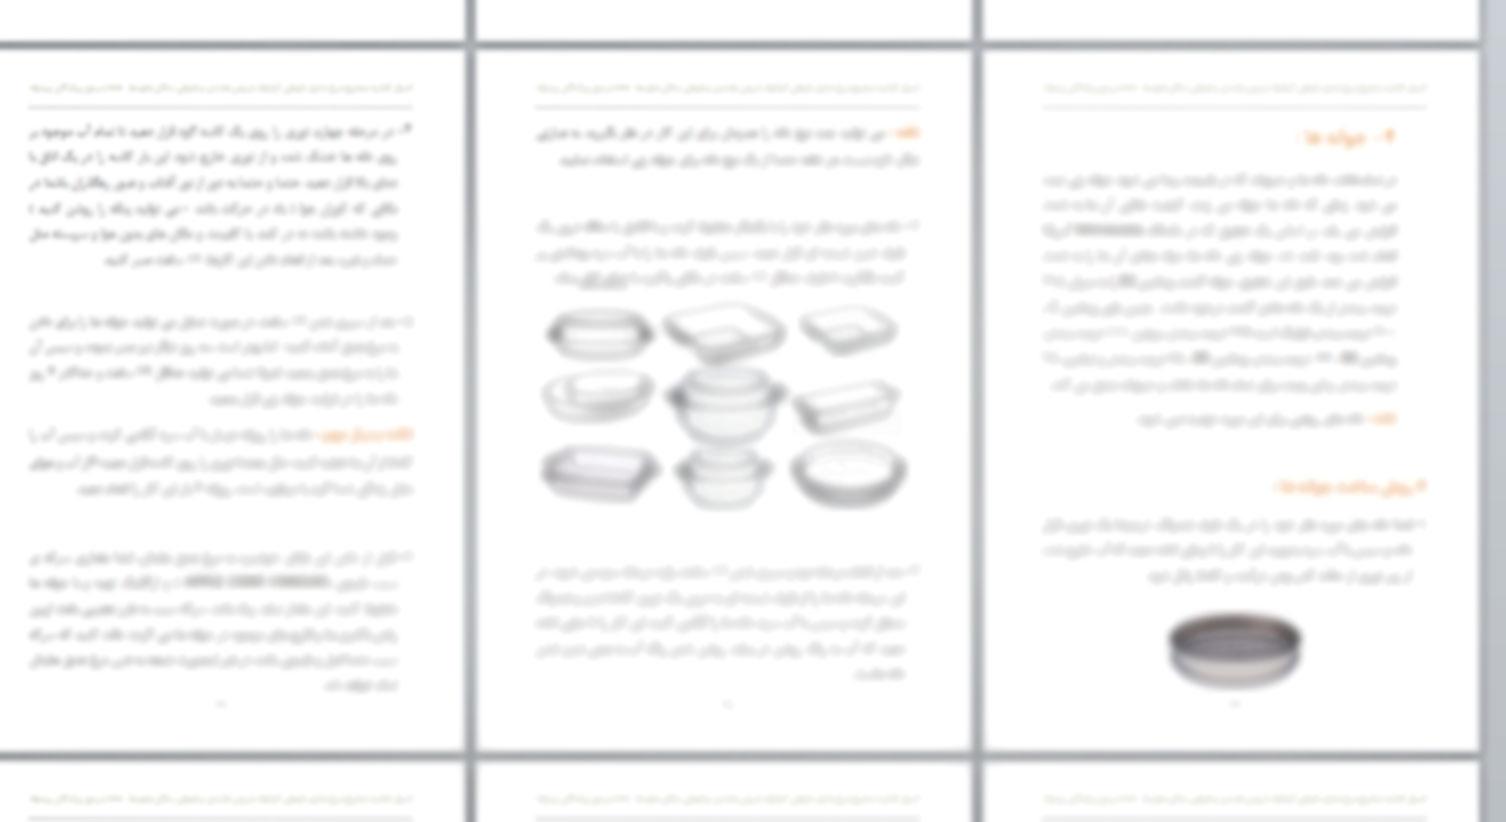 کتاب اصول تغذیه صحیح مرغ عشق، طوطی کوتوله و عروس هلندی